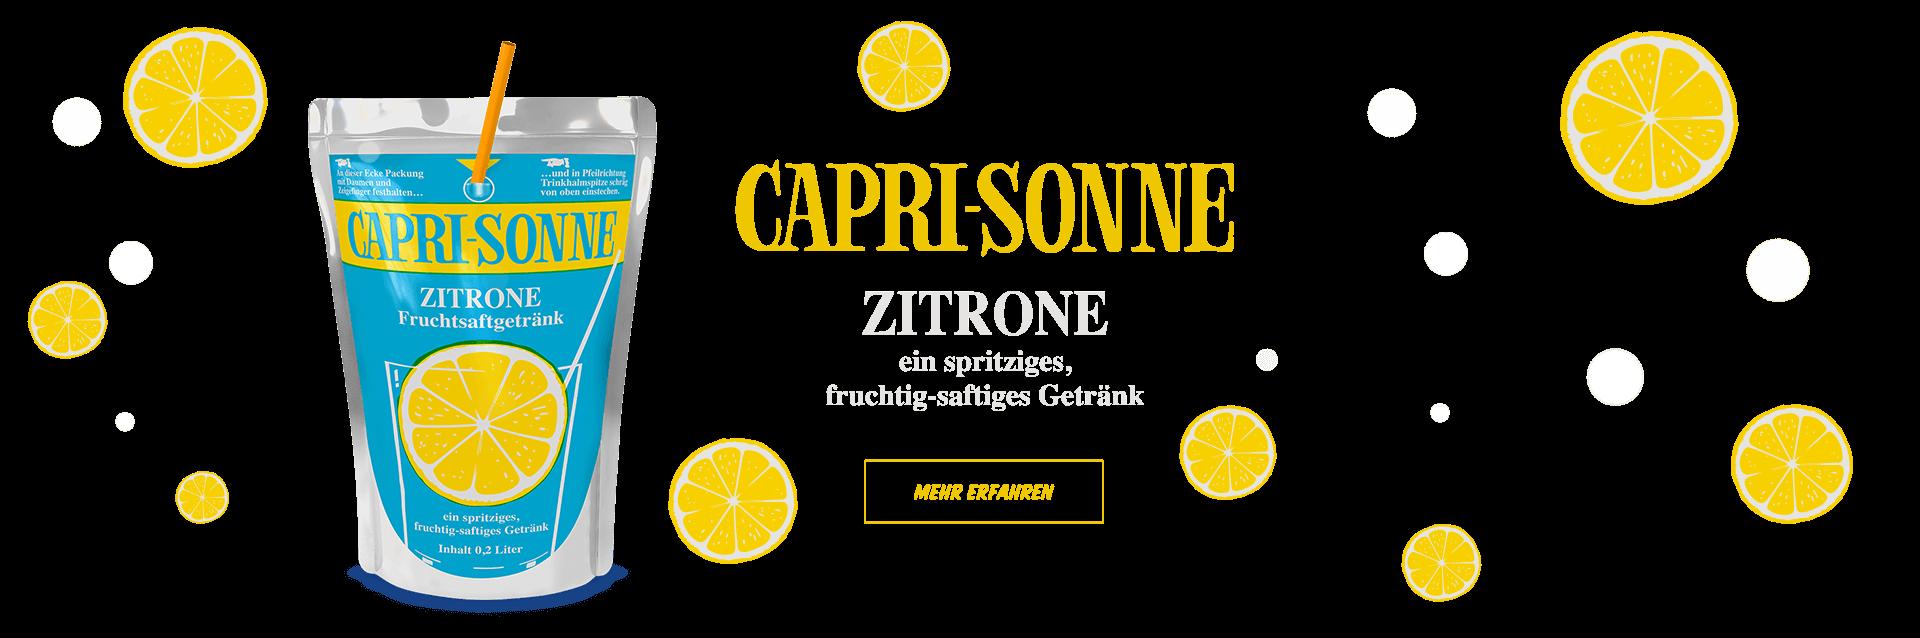 startseite-slider-content-cs-zitrone